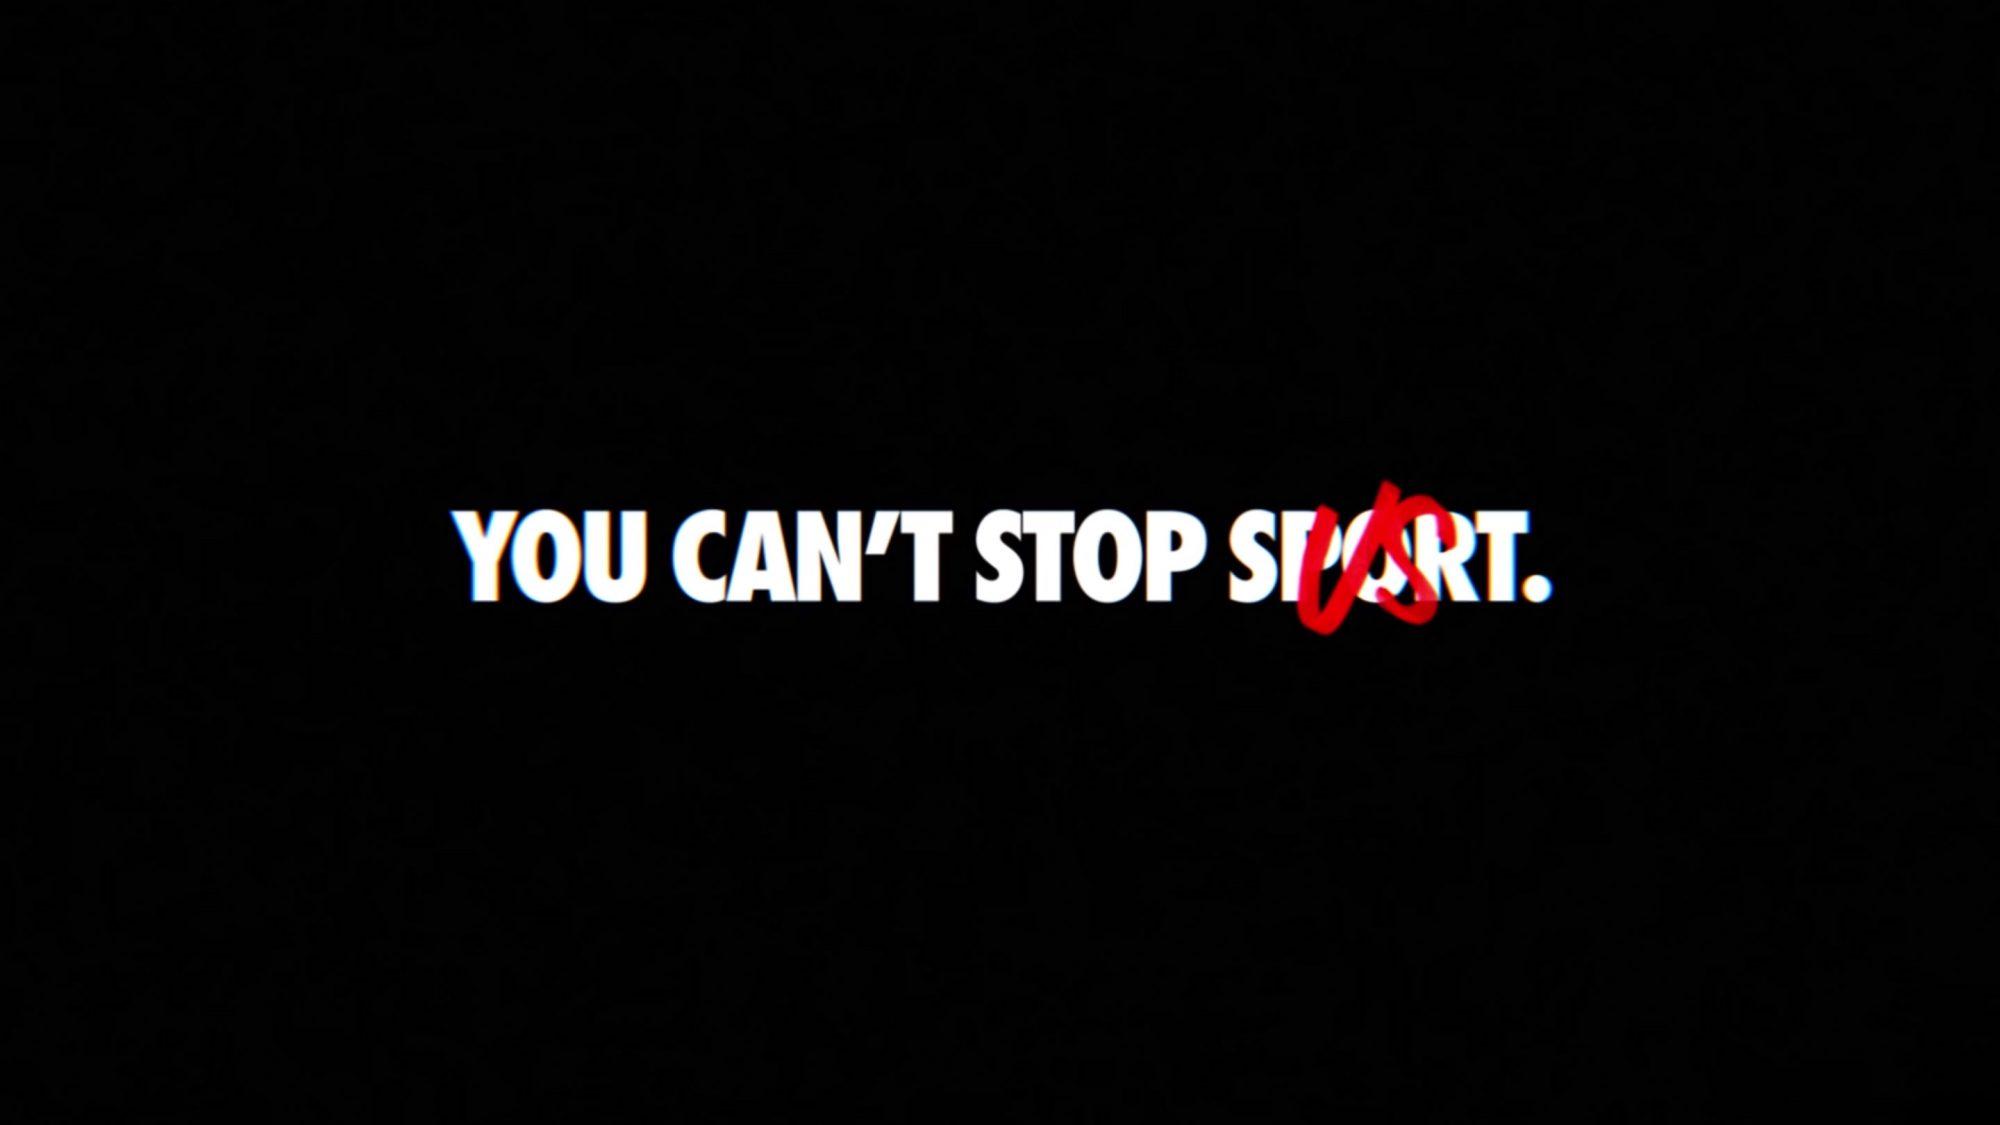 Nike: Bizi durduramazsınız